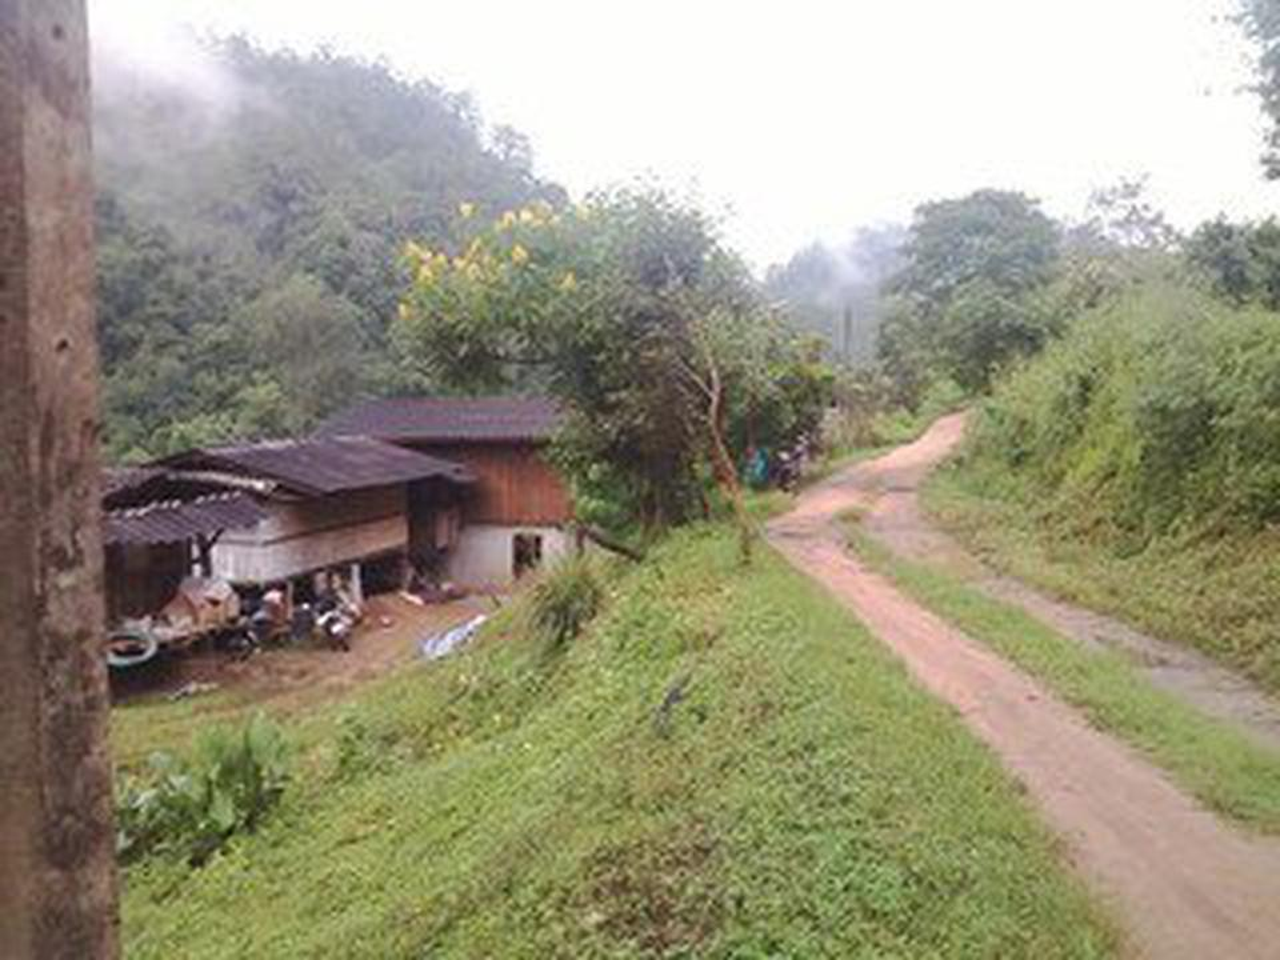 ขายบ้านโฮมสเตย์ ขนาดเล็กๆ สวยมากๆ ดอยสูง ป่าลึกบนดอย เชียงใหม่  อ.กัลยาณิวัฒนา ไปได้เส้นปาย-เส้นสะเมิง รูปที่ 3